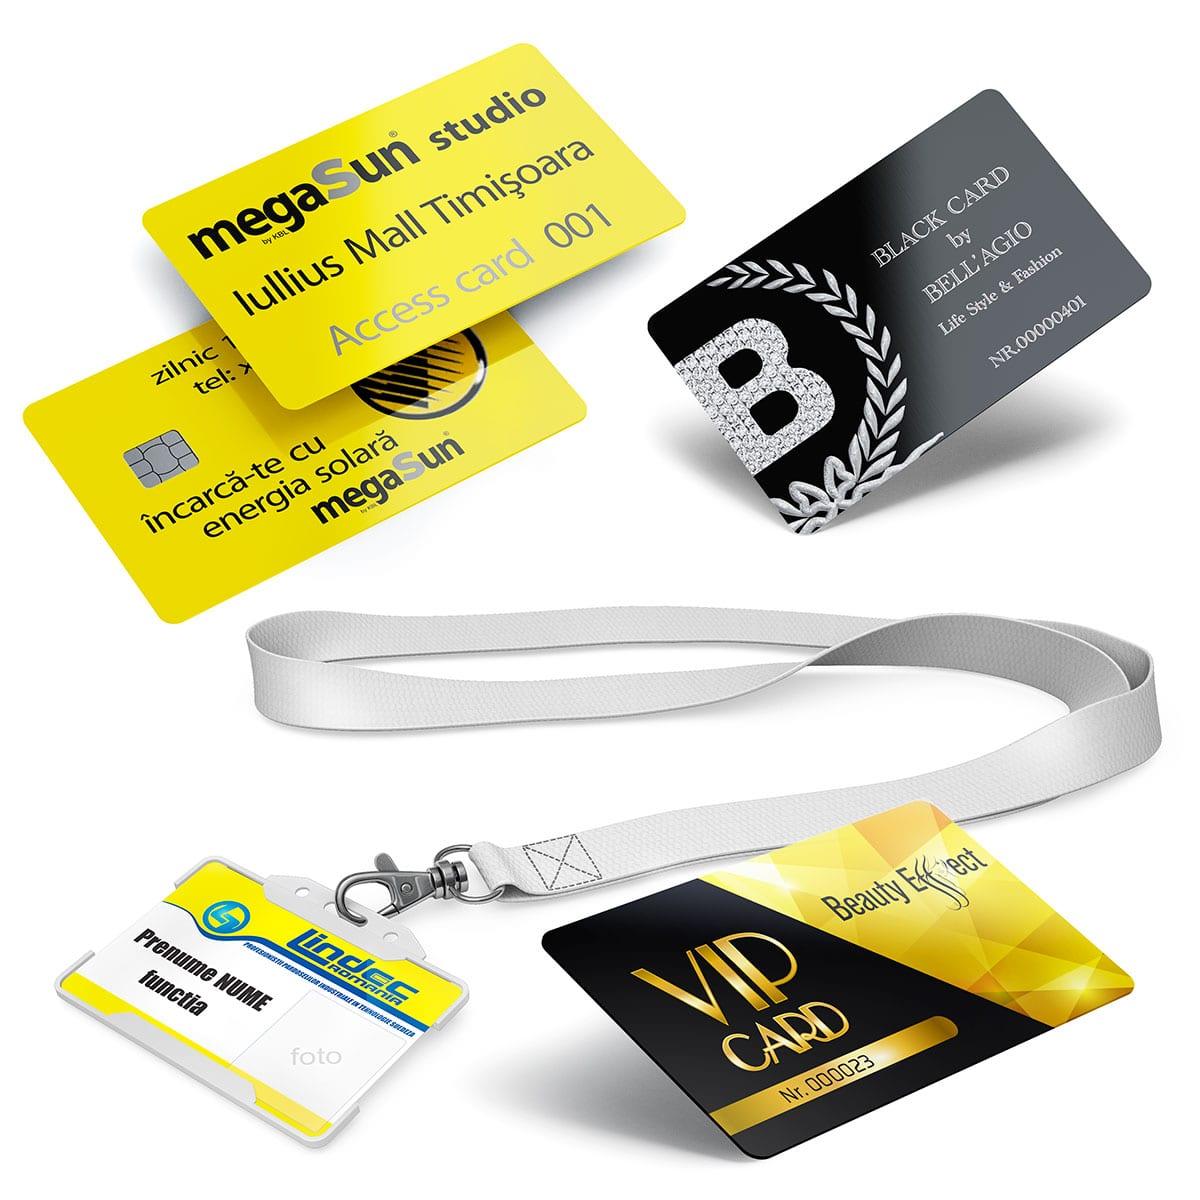 Cardurile personalizate se pot utiliza in programele de fidelizare a clienților cu rol de carduri de fidelitate personalizate